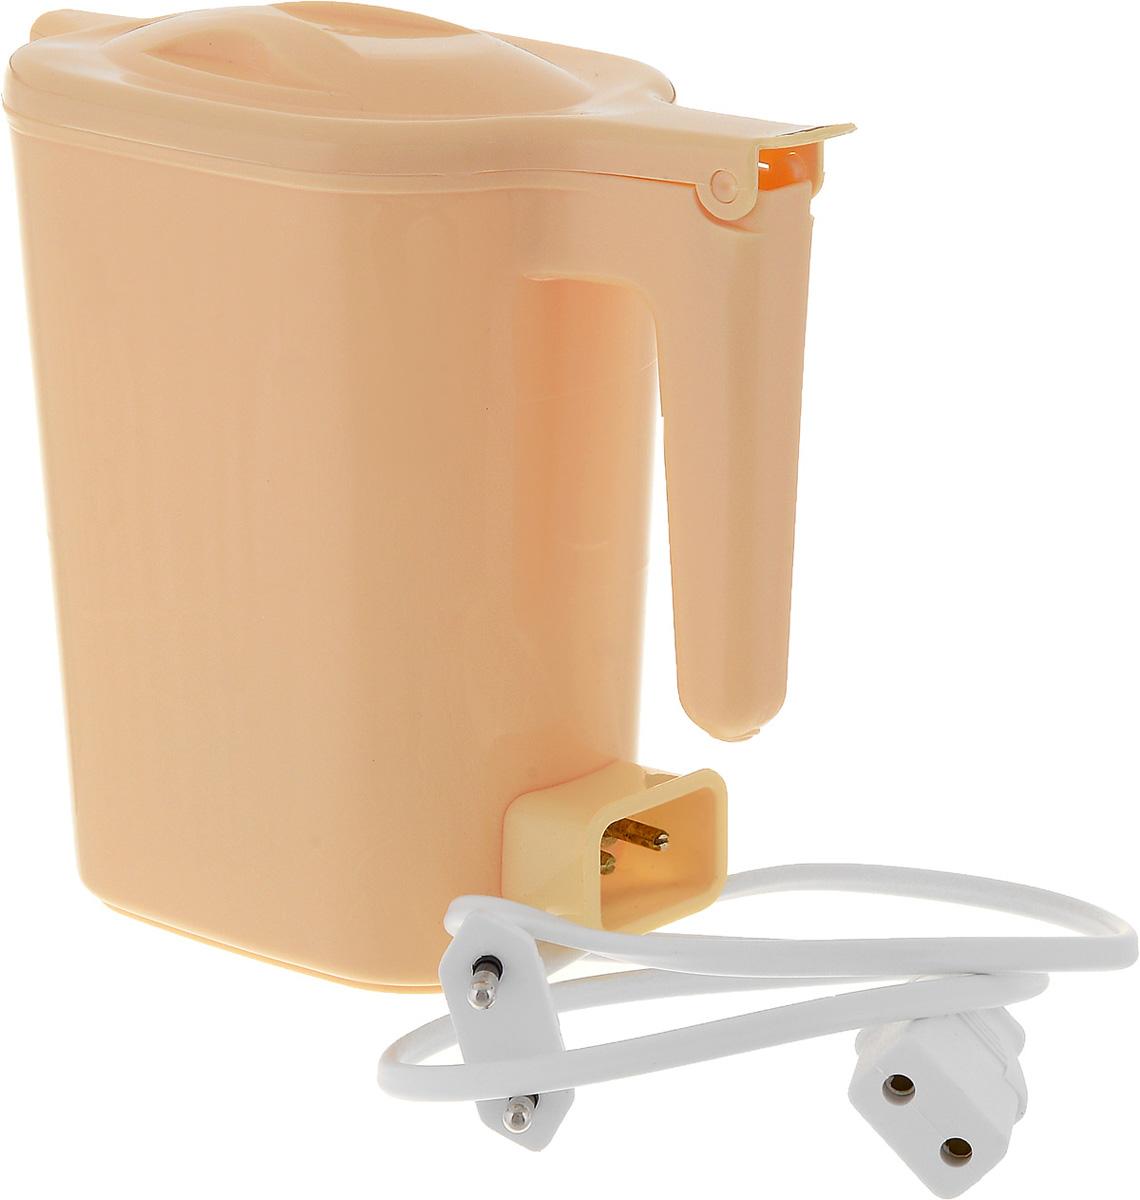 Электрический чайник Мастерица ЭЧ 0,5/0,5-220, цвет бежевый Мастерица